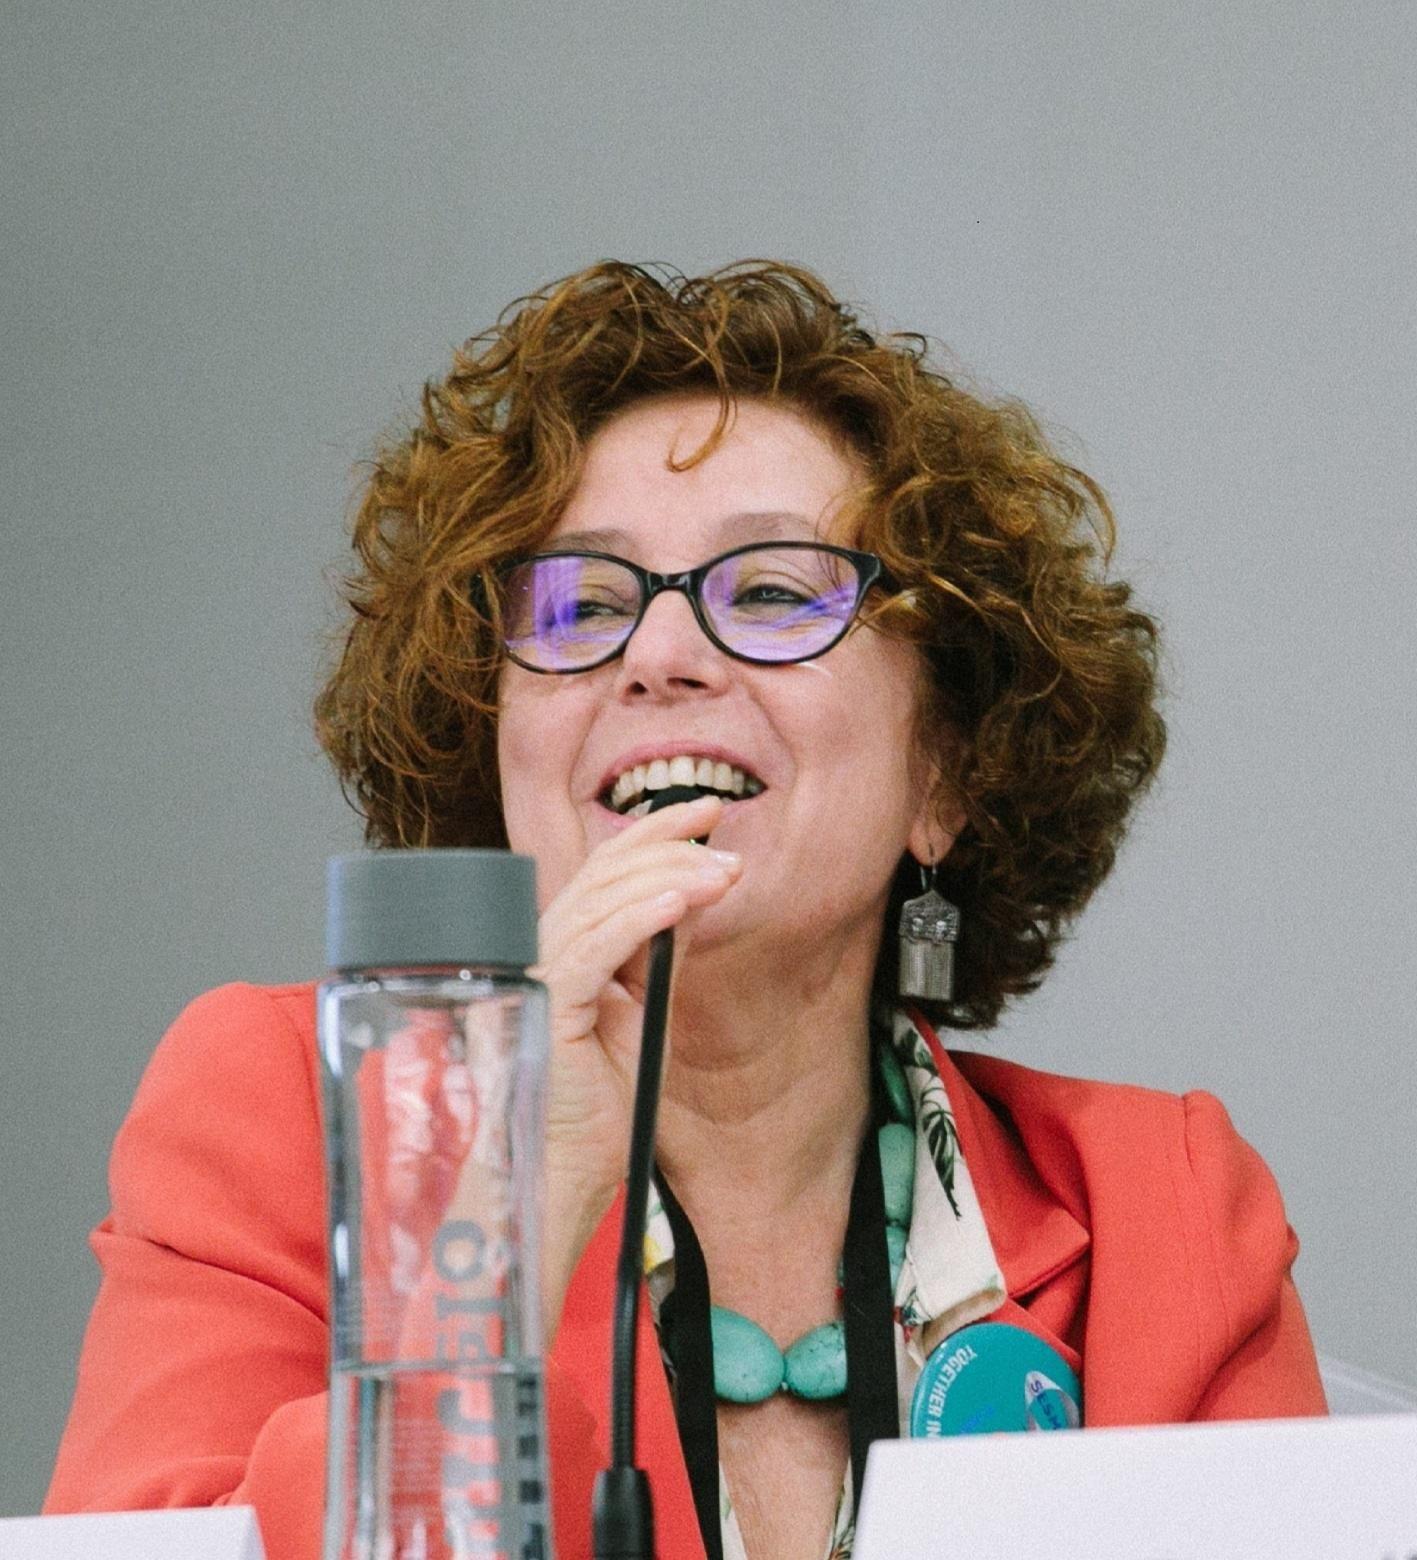 Isabel Giralt